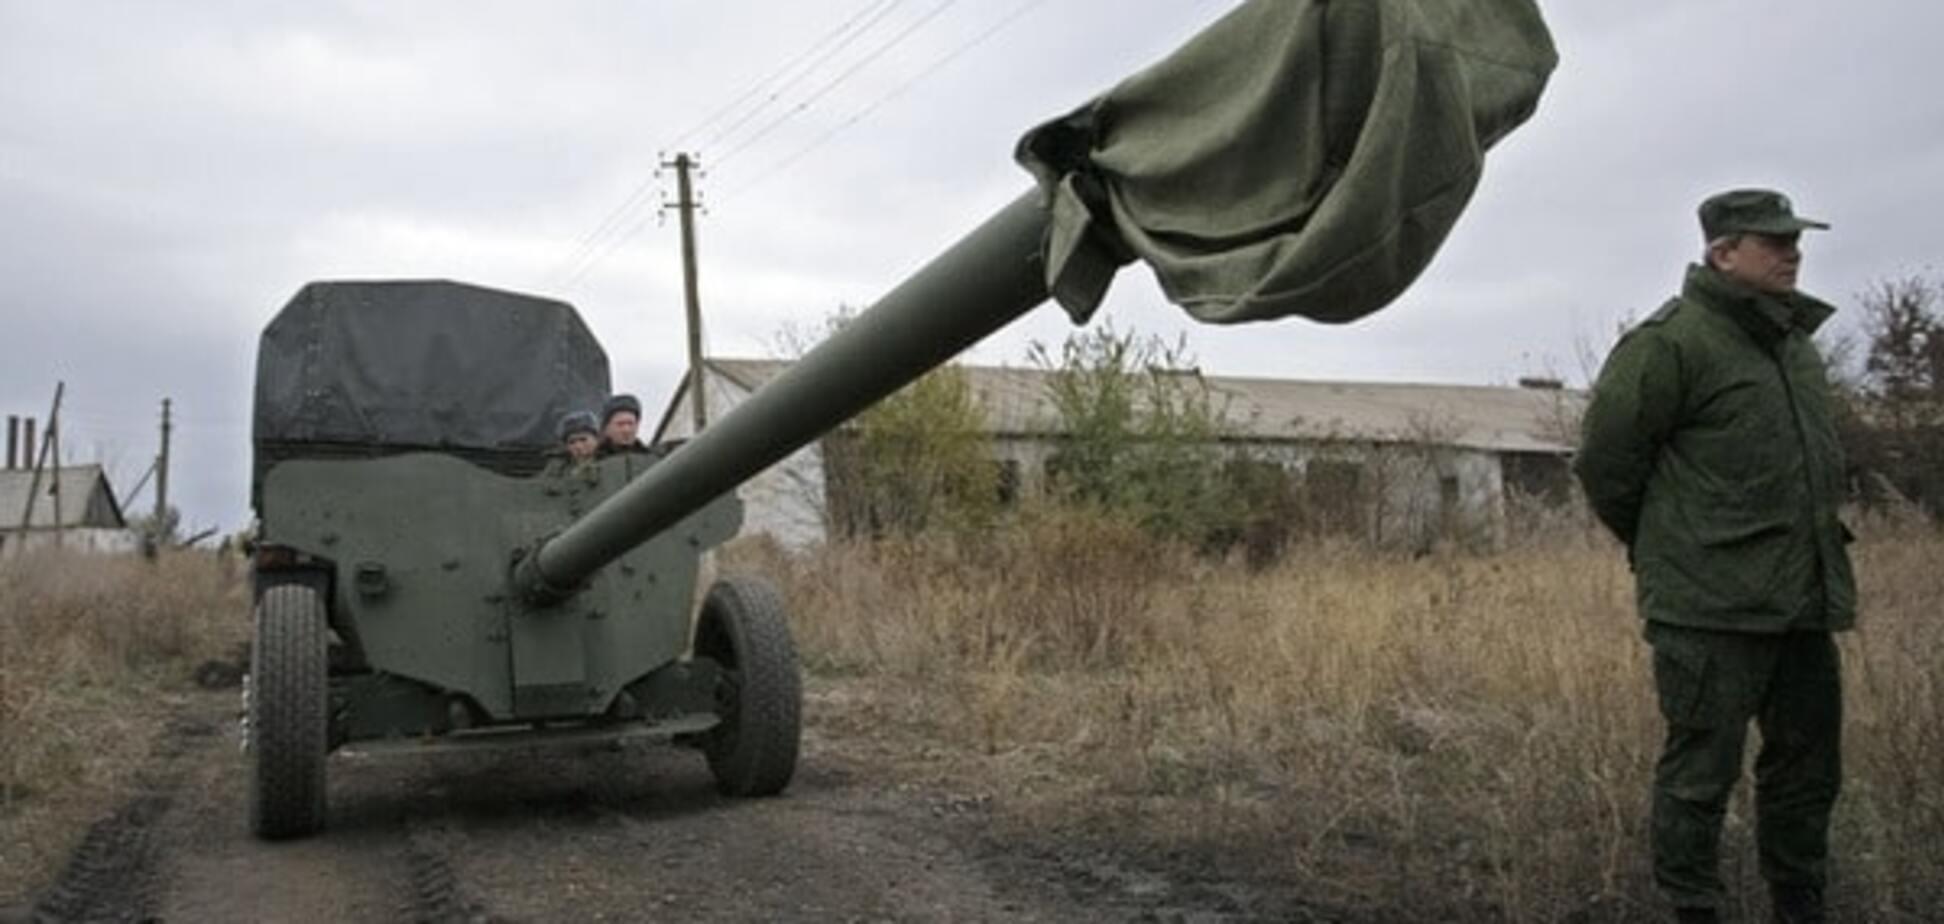 Розвідка встановила особу полковника РФ, командувача терористами в Новоазовську